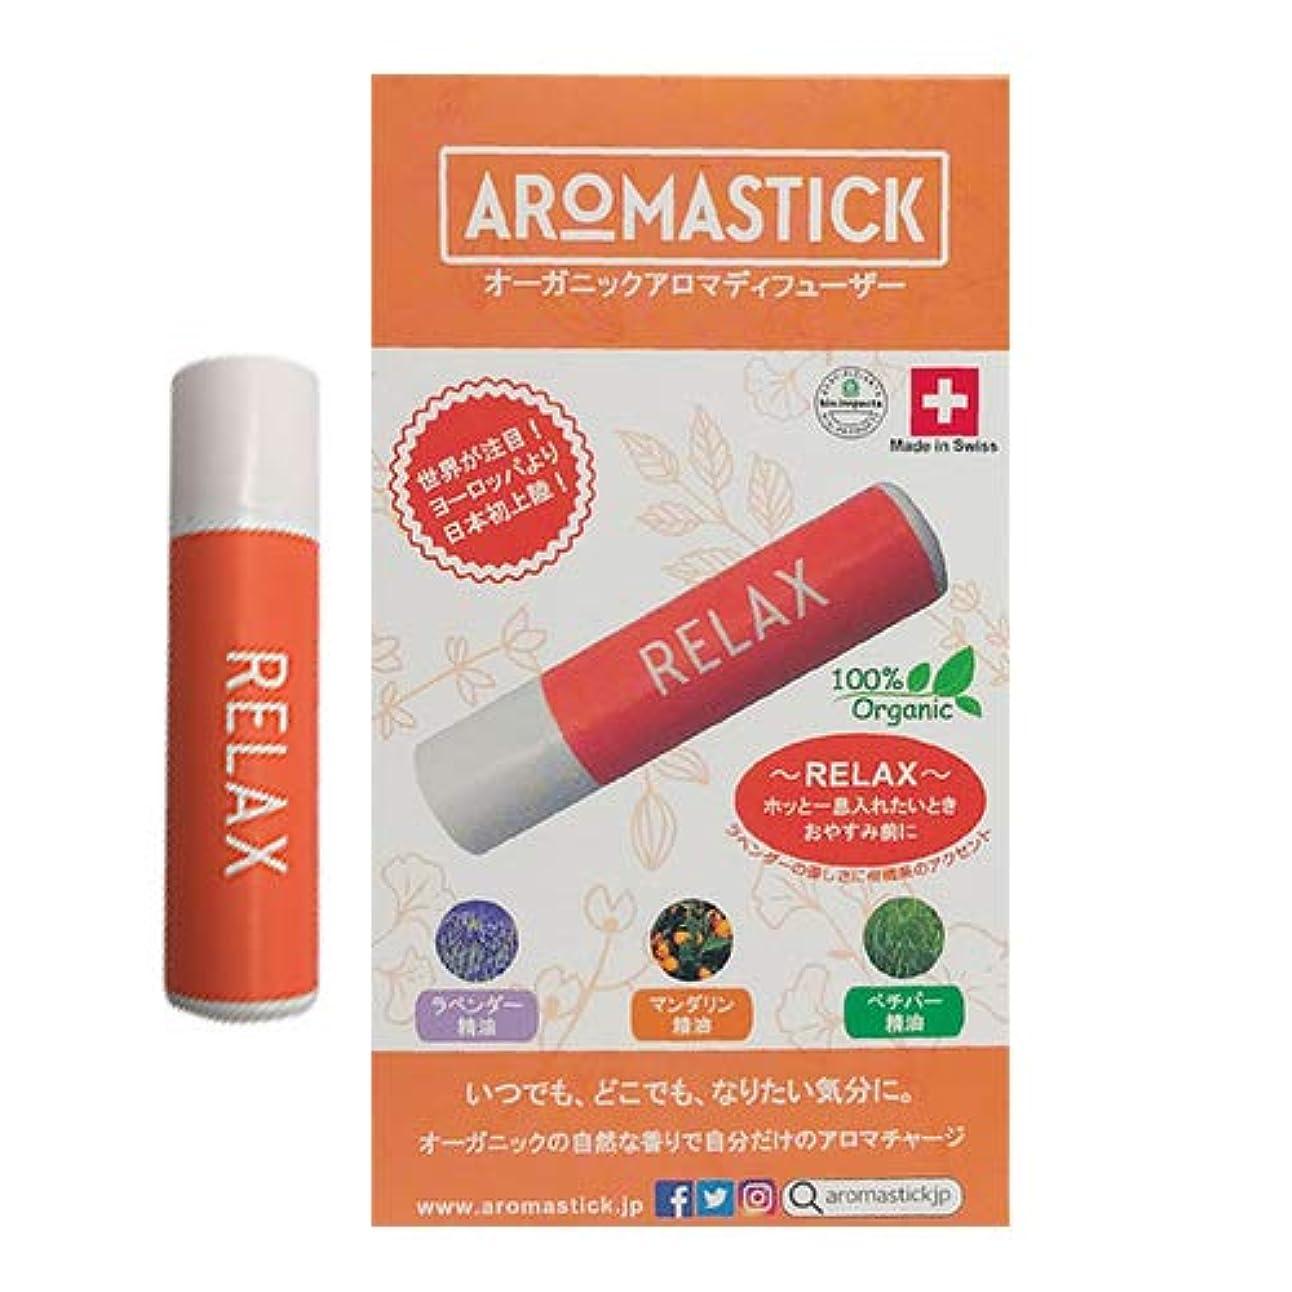 ゴージャス病ネクタイオーガニックアロマディフューザー アロマスティック(aromastick) リラックス [RELAX] ×3個セット